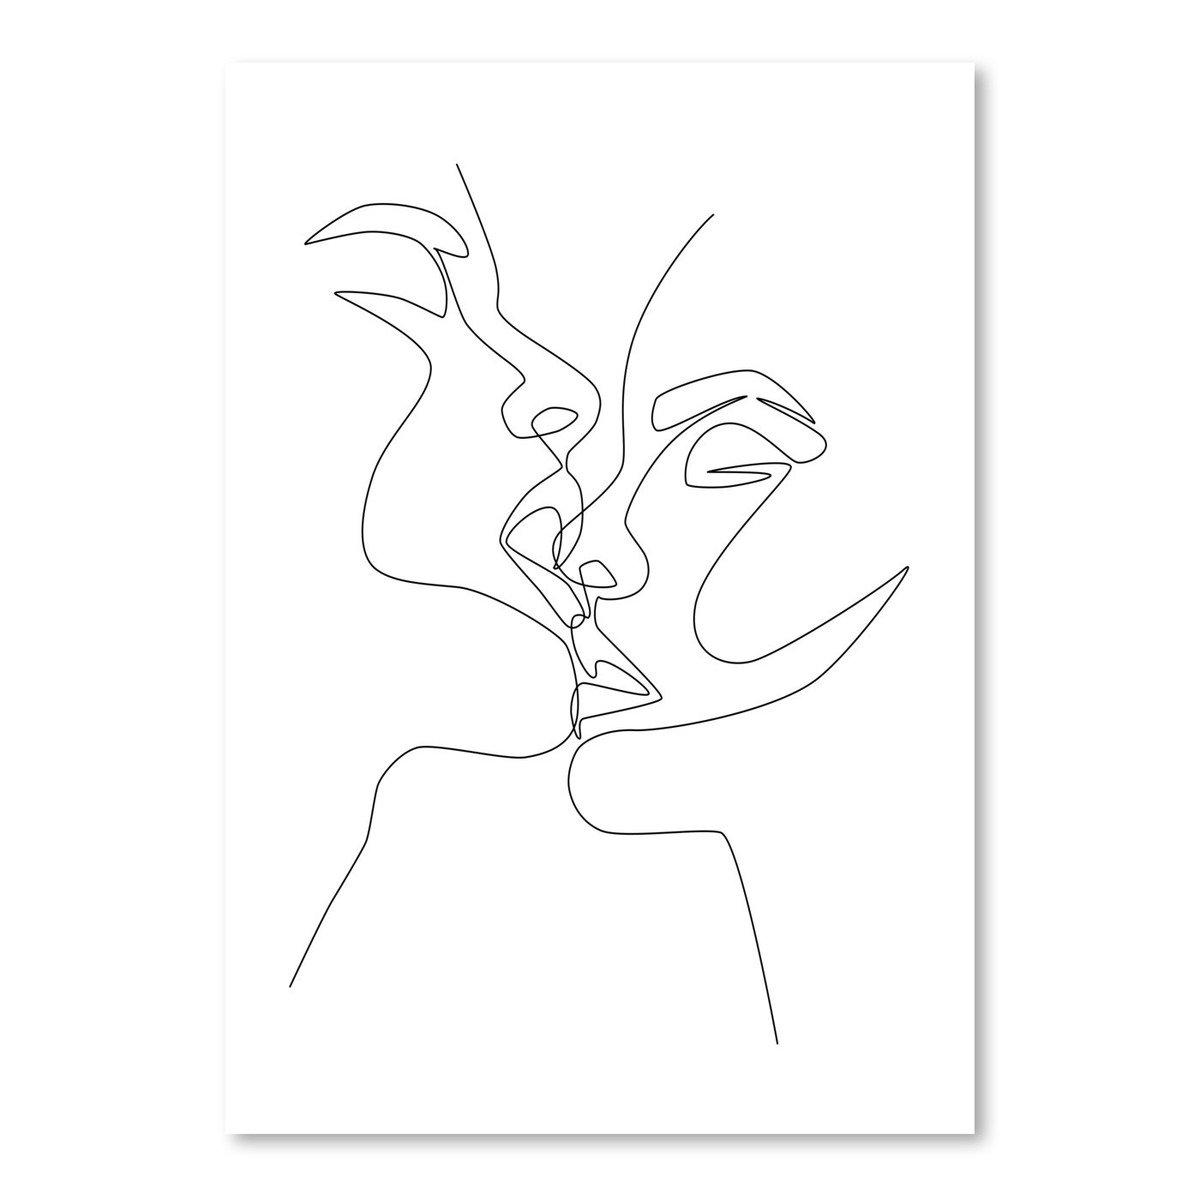 Рисунок одной линией поцелуй, картинках смешные